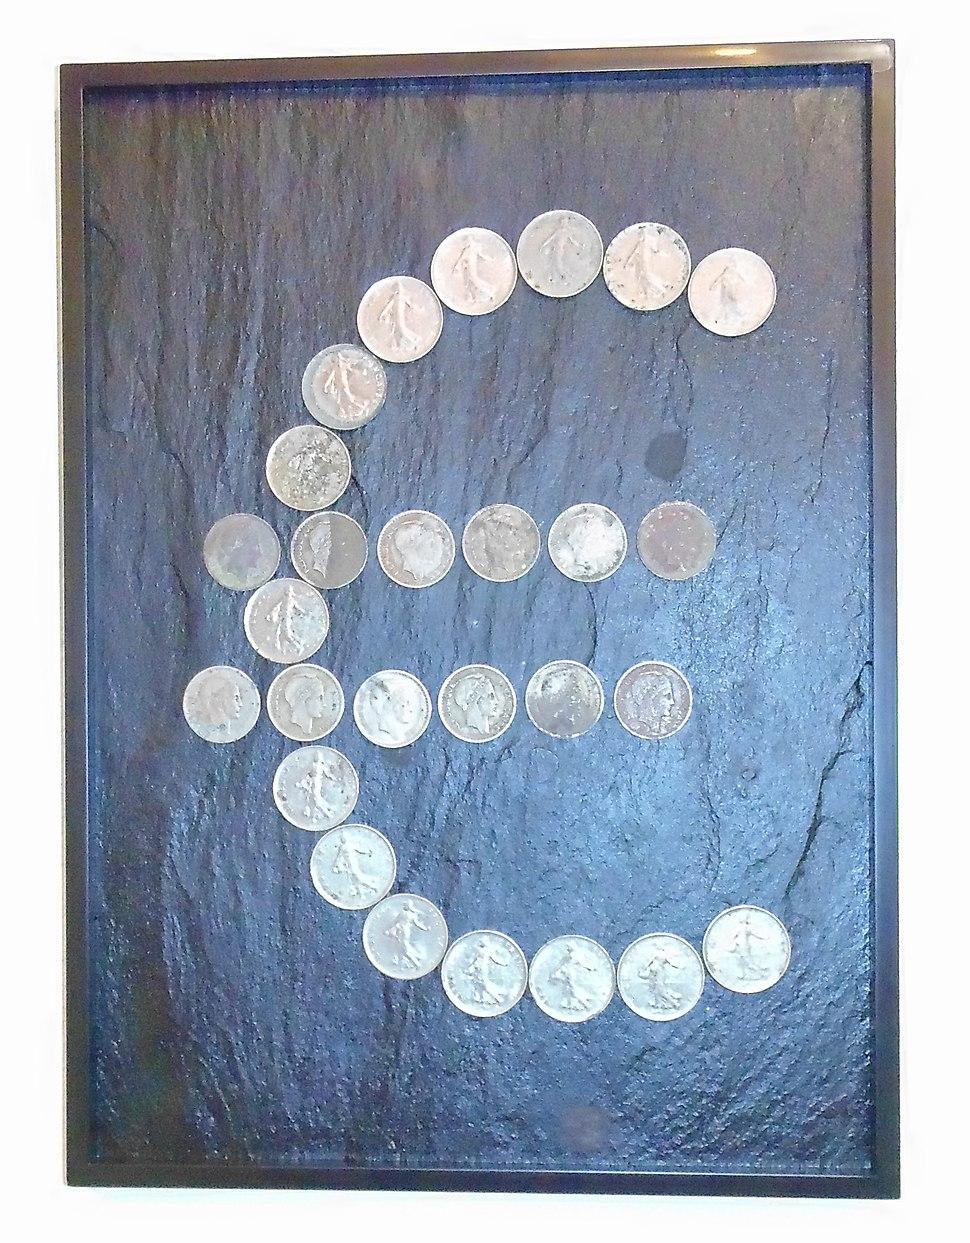 Euro symbol - Minimalism art with counterfeit money - Tableau Argent sale composé de fausses pièces de monnaie